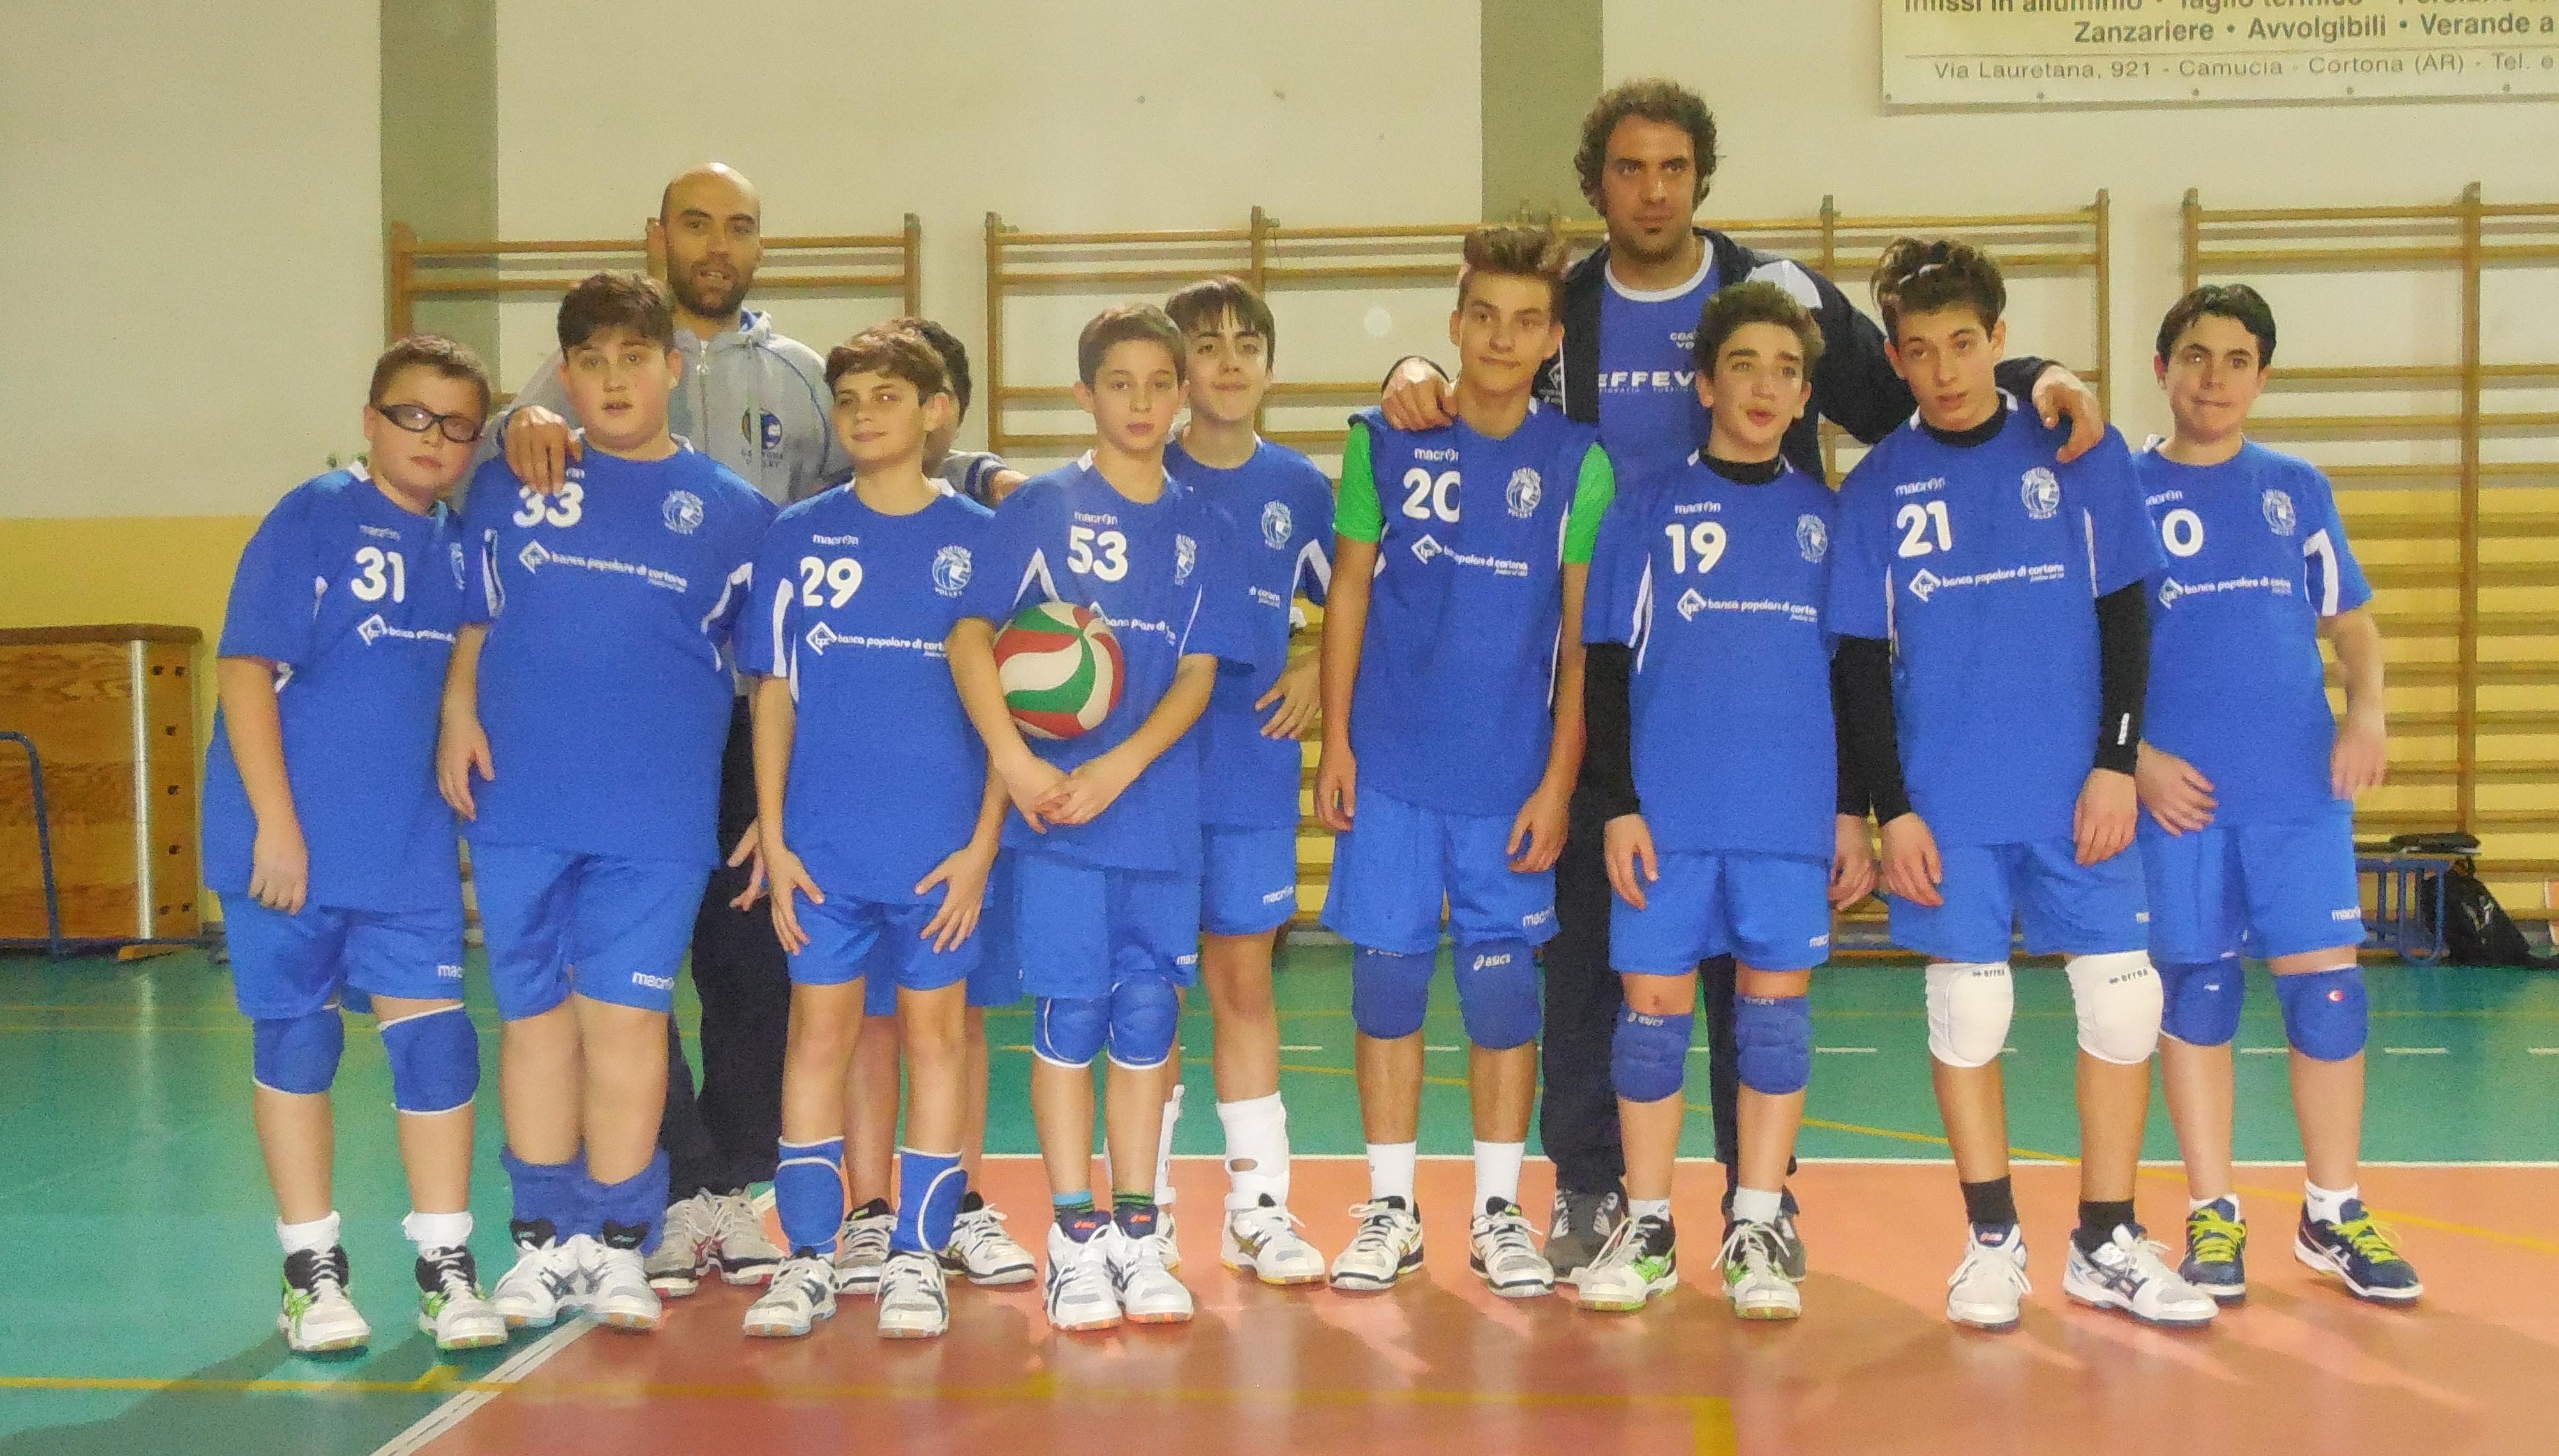 Cortona Volley, ancora bene le giovanili: l'Under 14 è campione provinciale